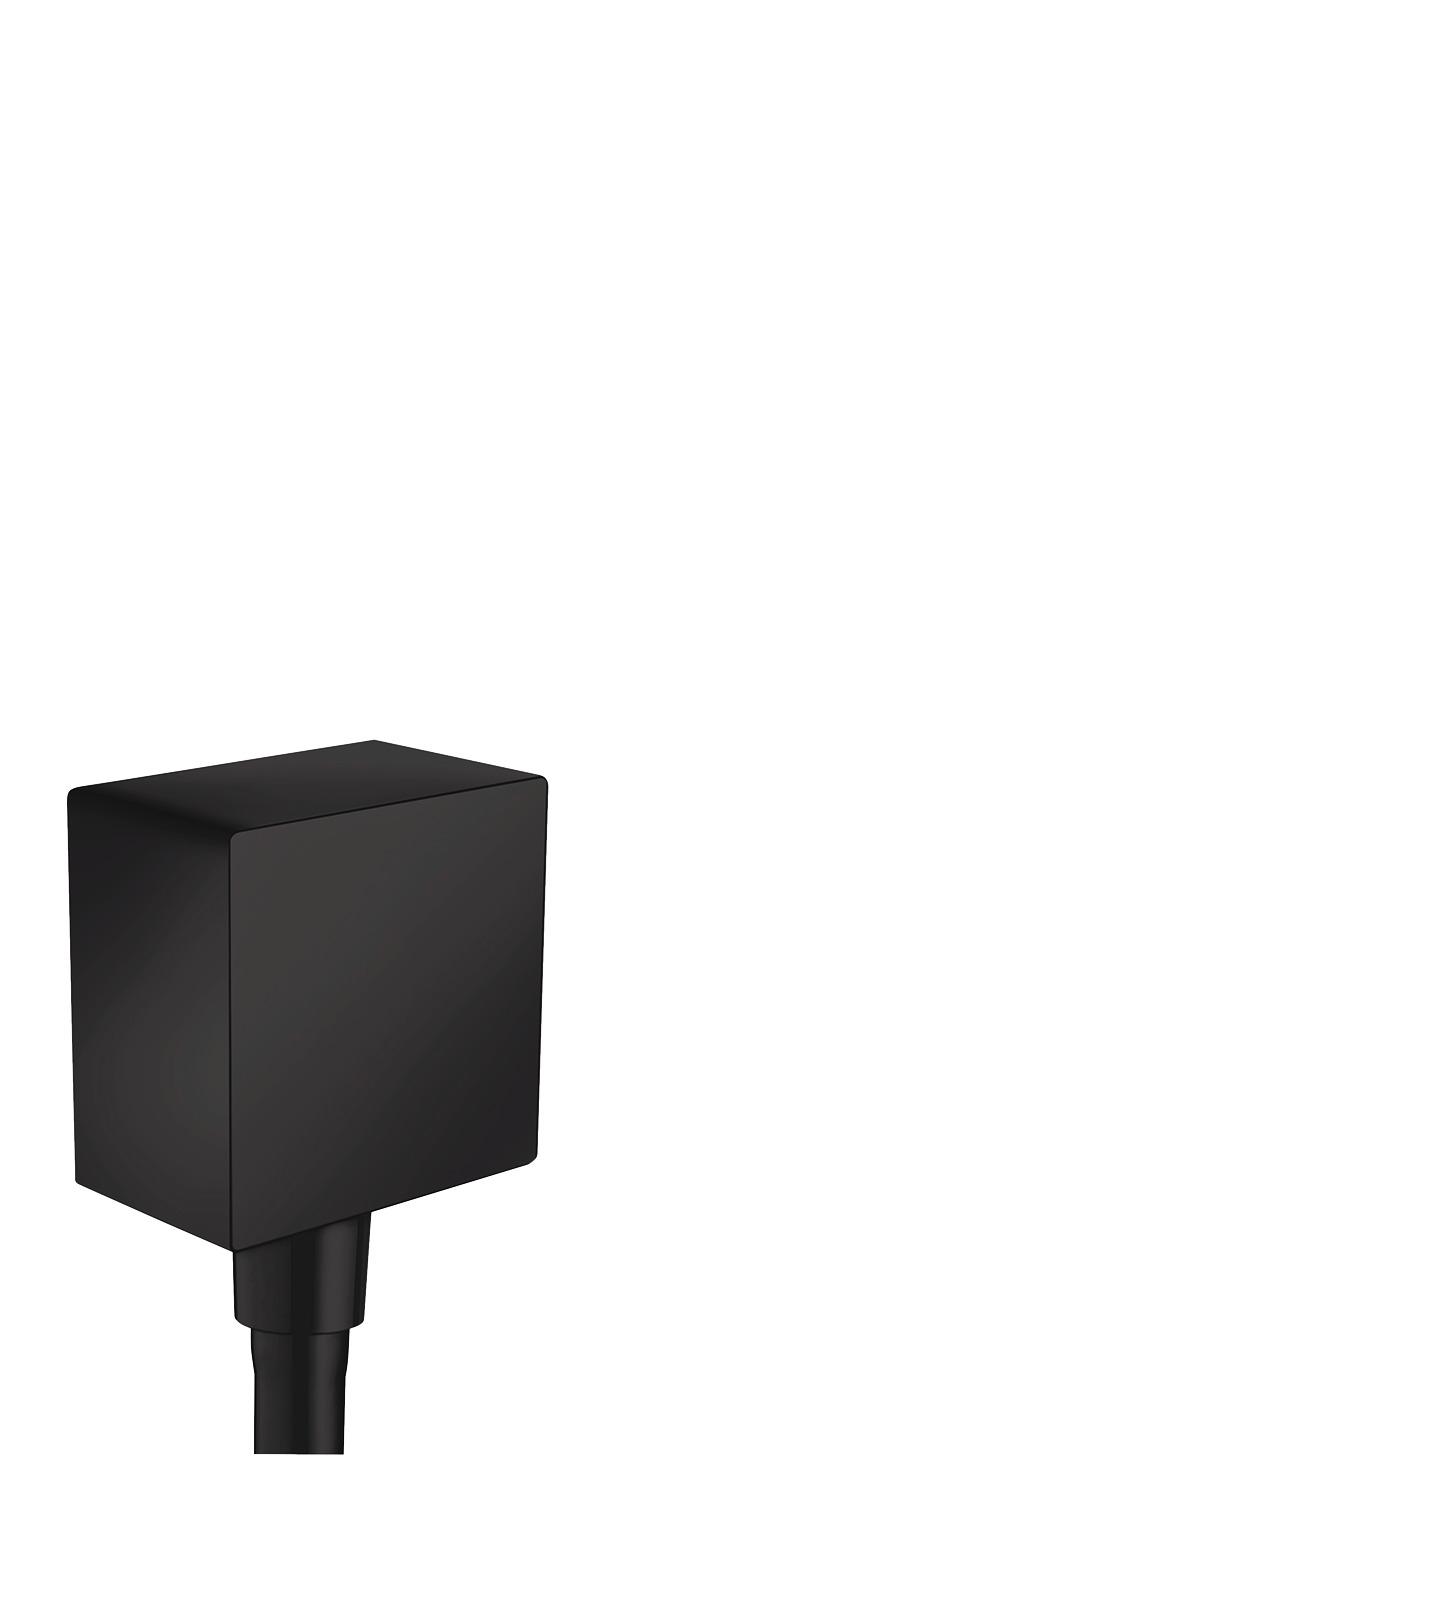 Шланговое подсоединение hansgrohe FixFit Square с клапаном обратного тока 26455670